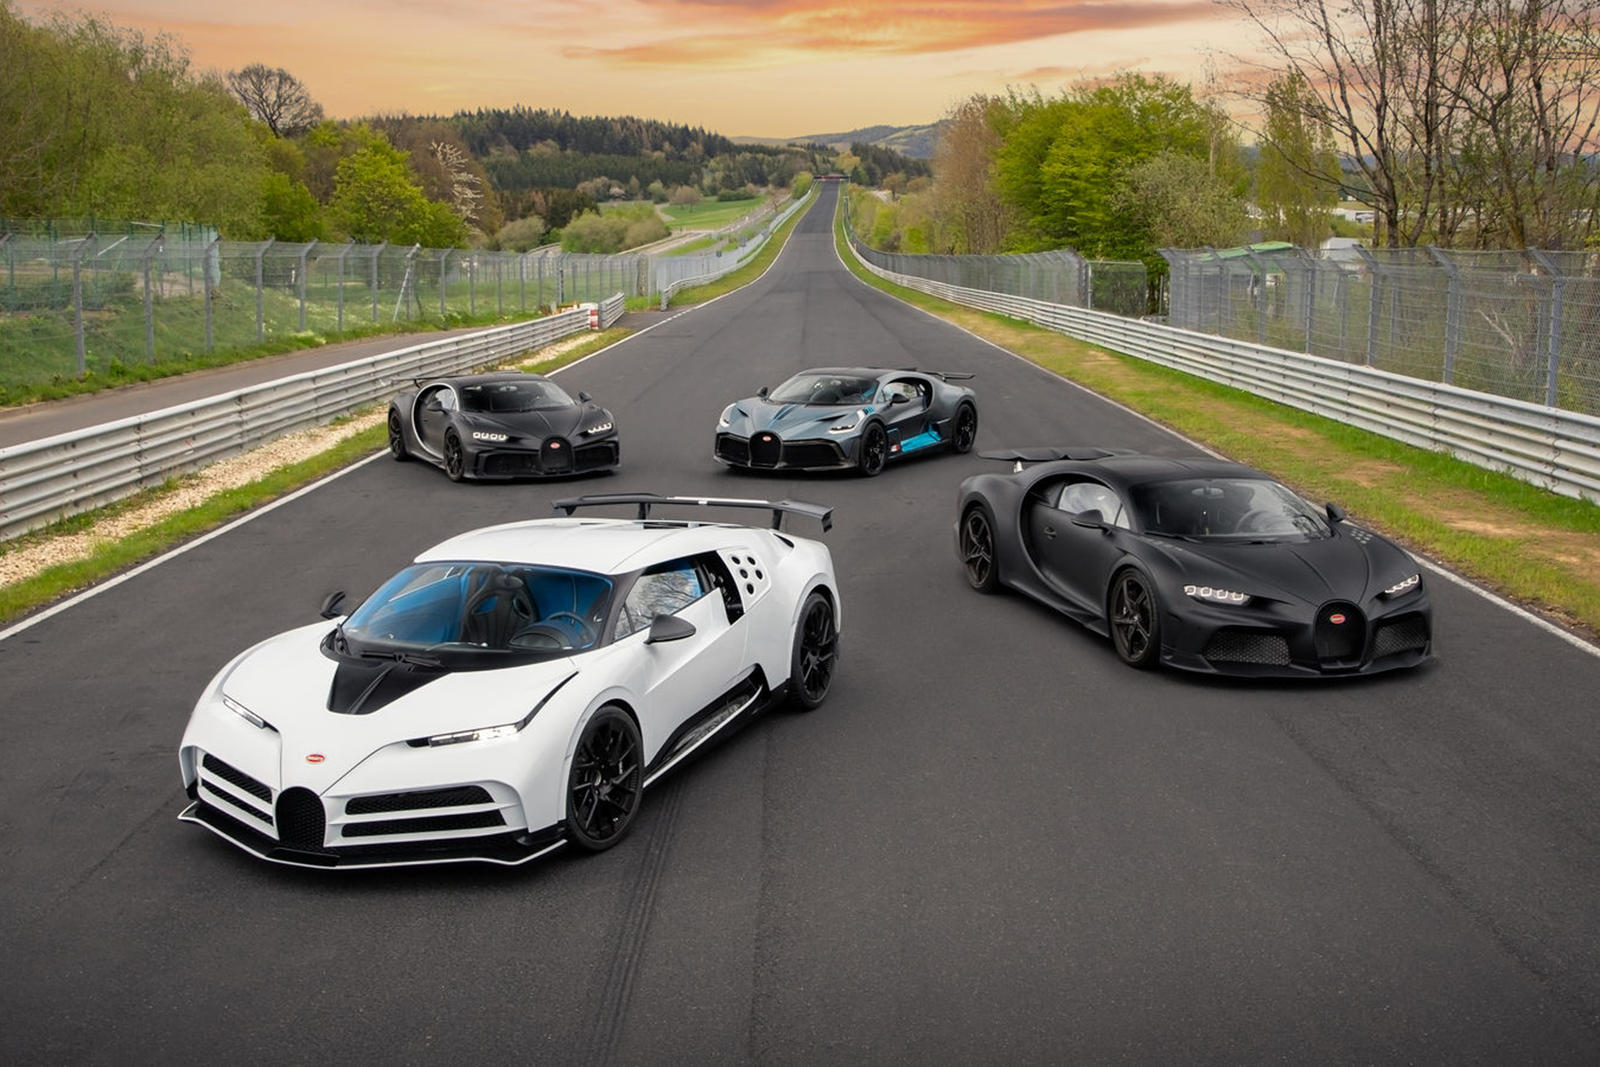 Bugatti-mang-dàn-hypercar-hơn-2-triệu-đô-đến-Nurburgring (11).jpg